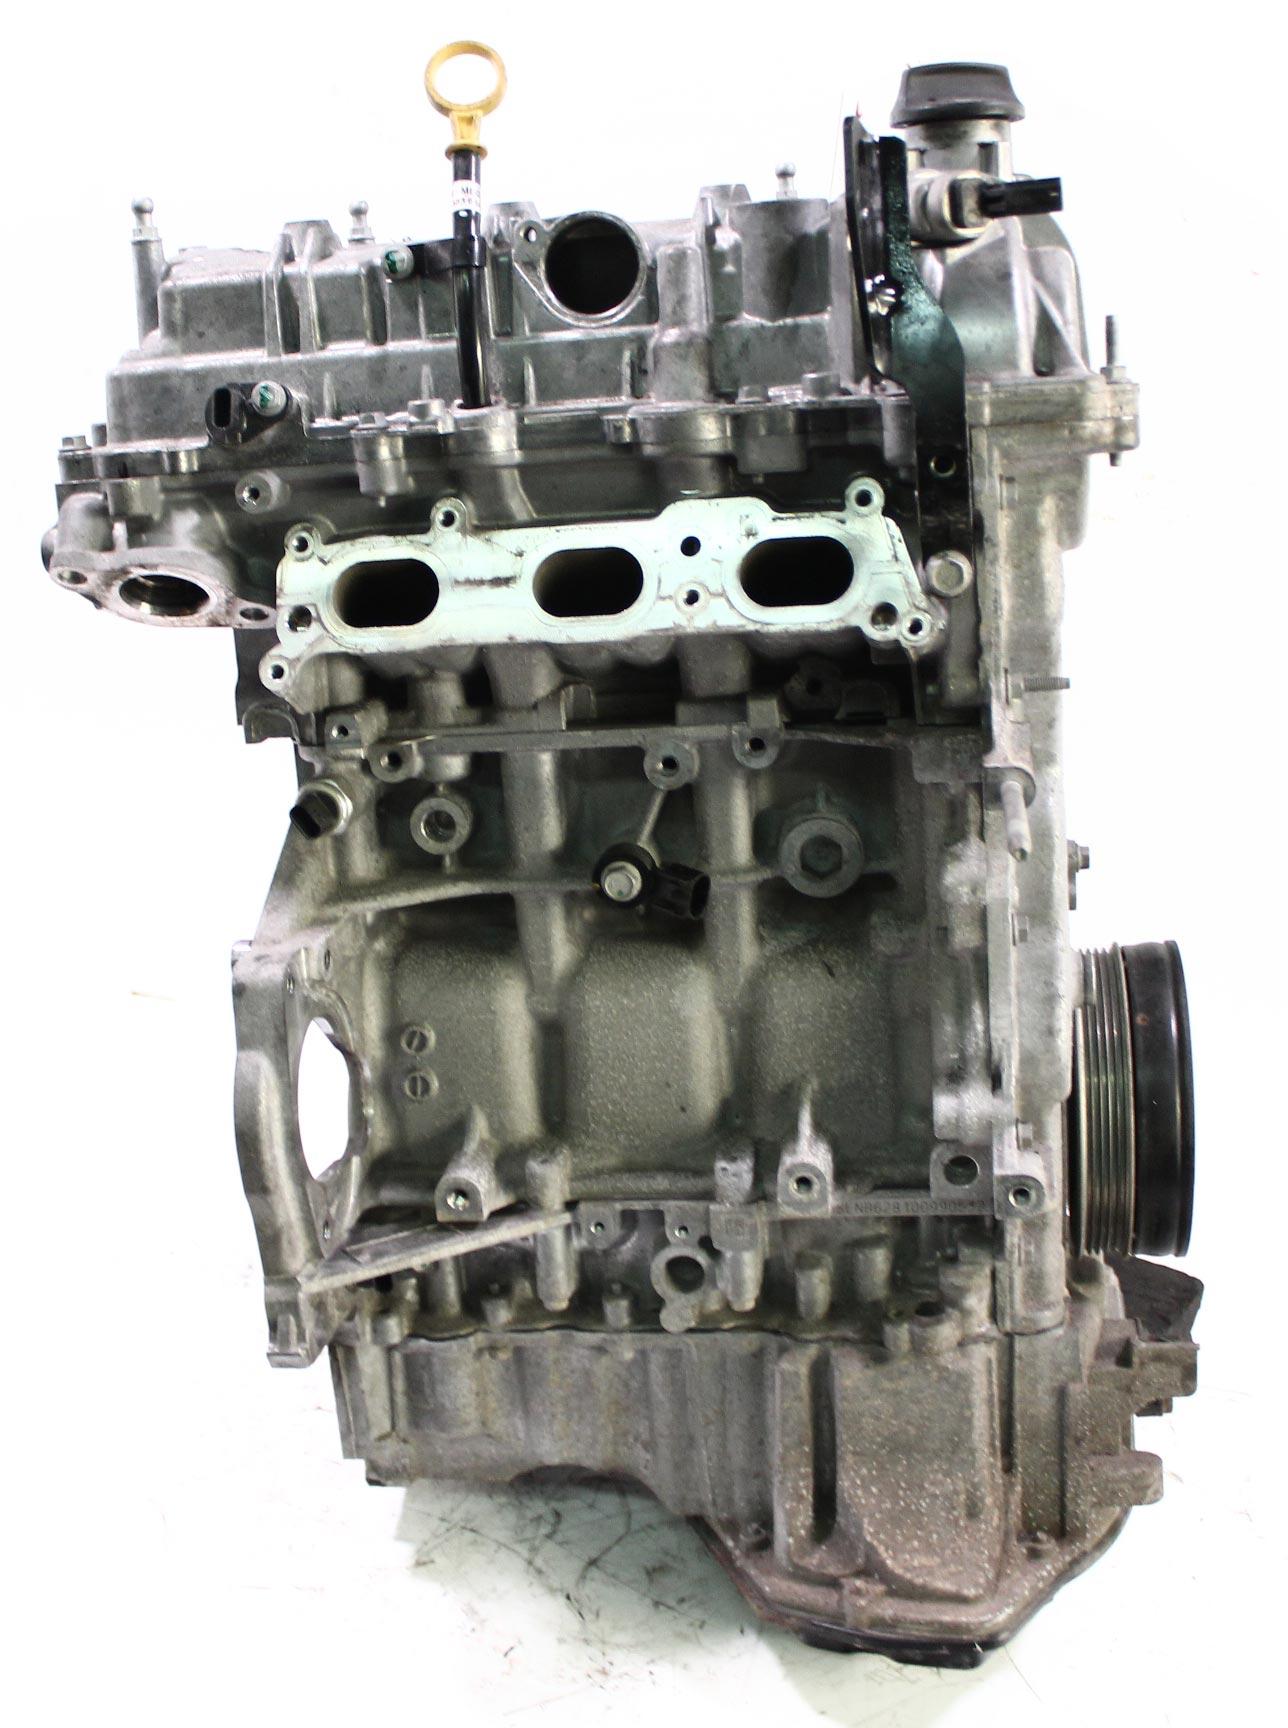 Motor 2016 Opel Corsa E Adam 1,0 Benzin B10XFT B10 115 PS